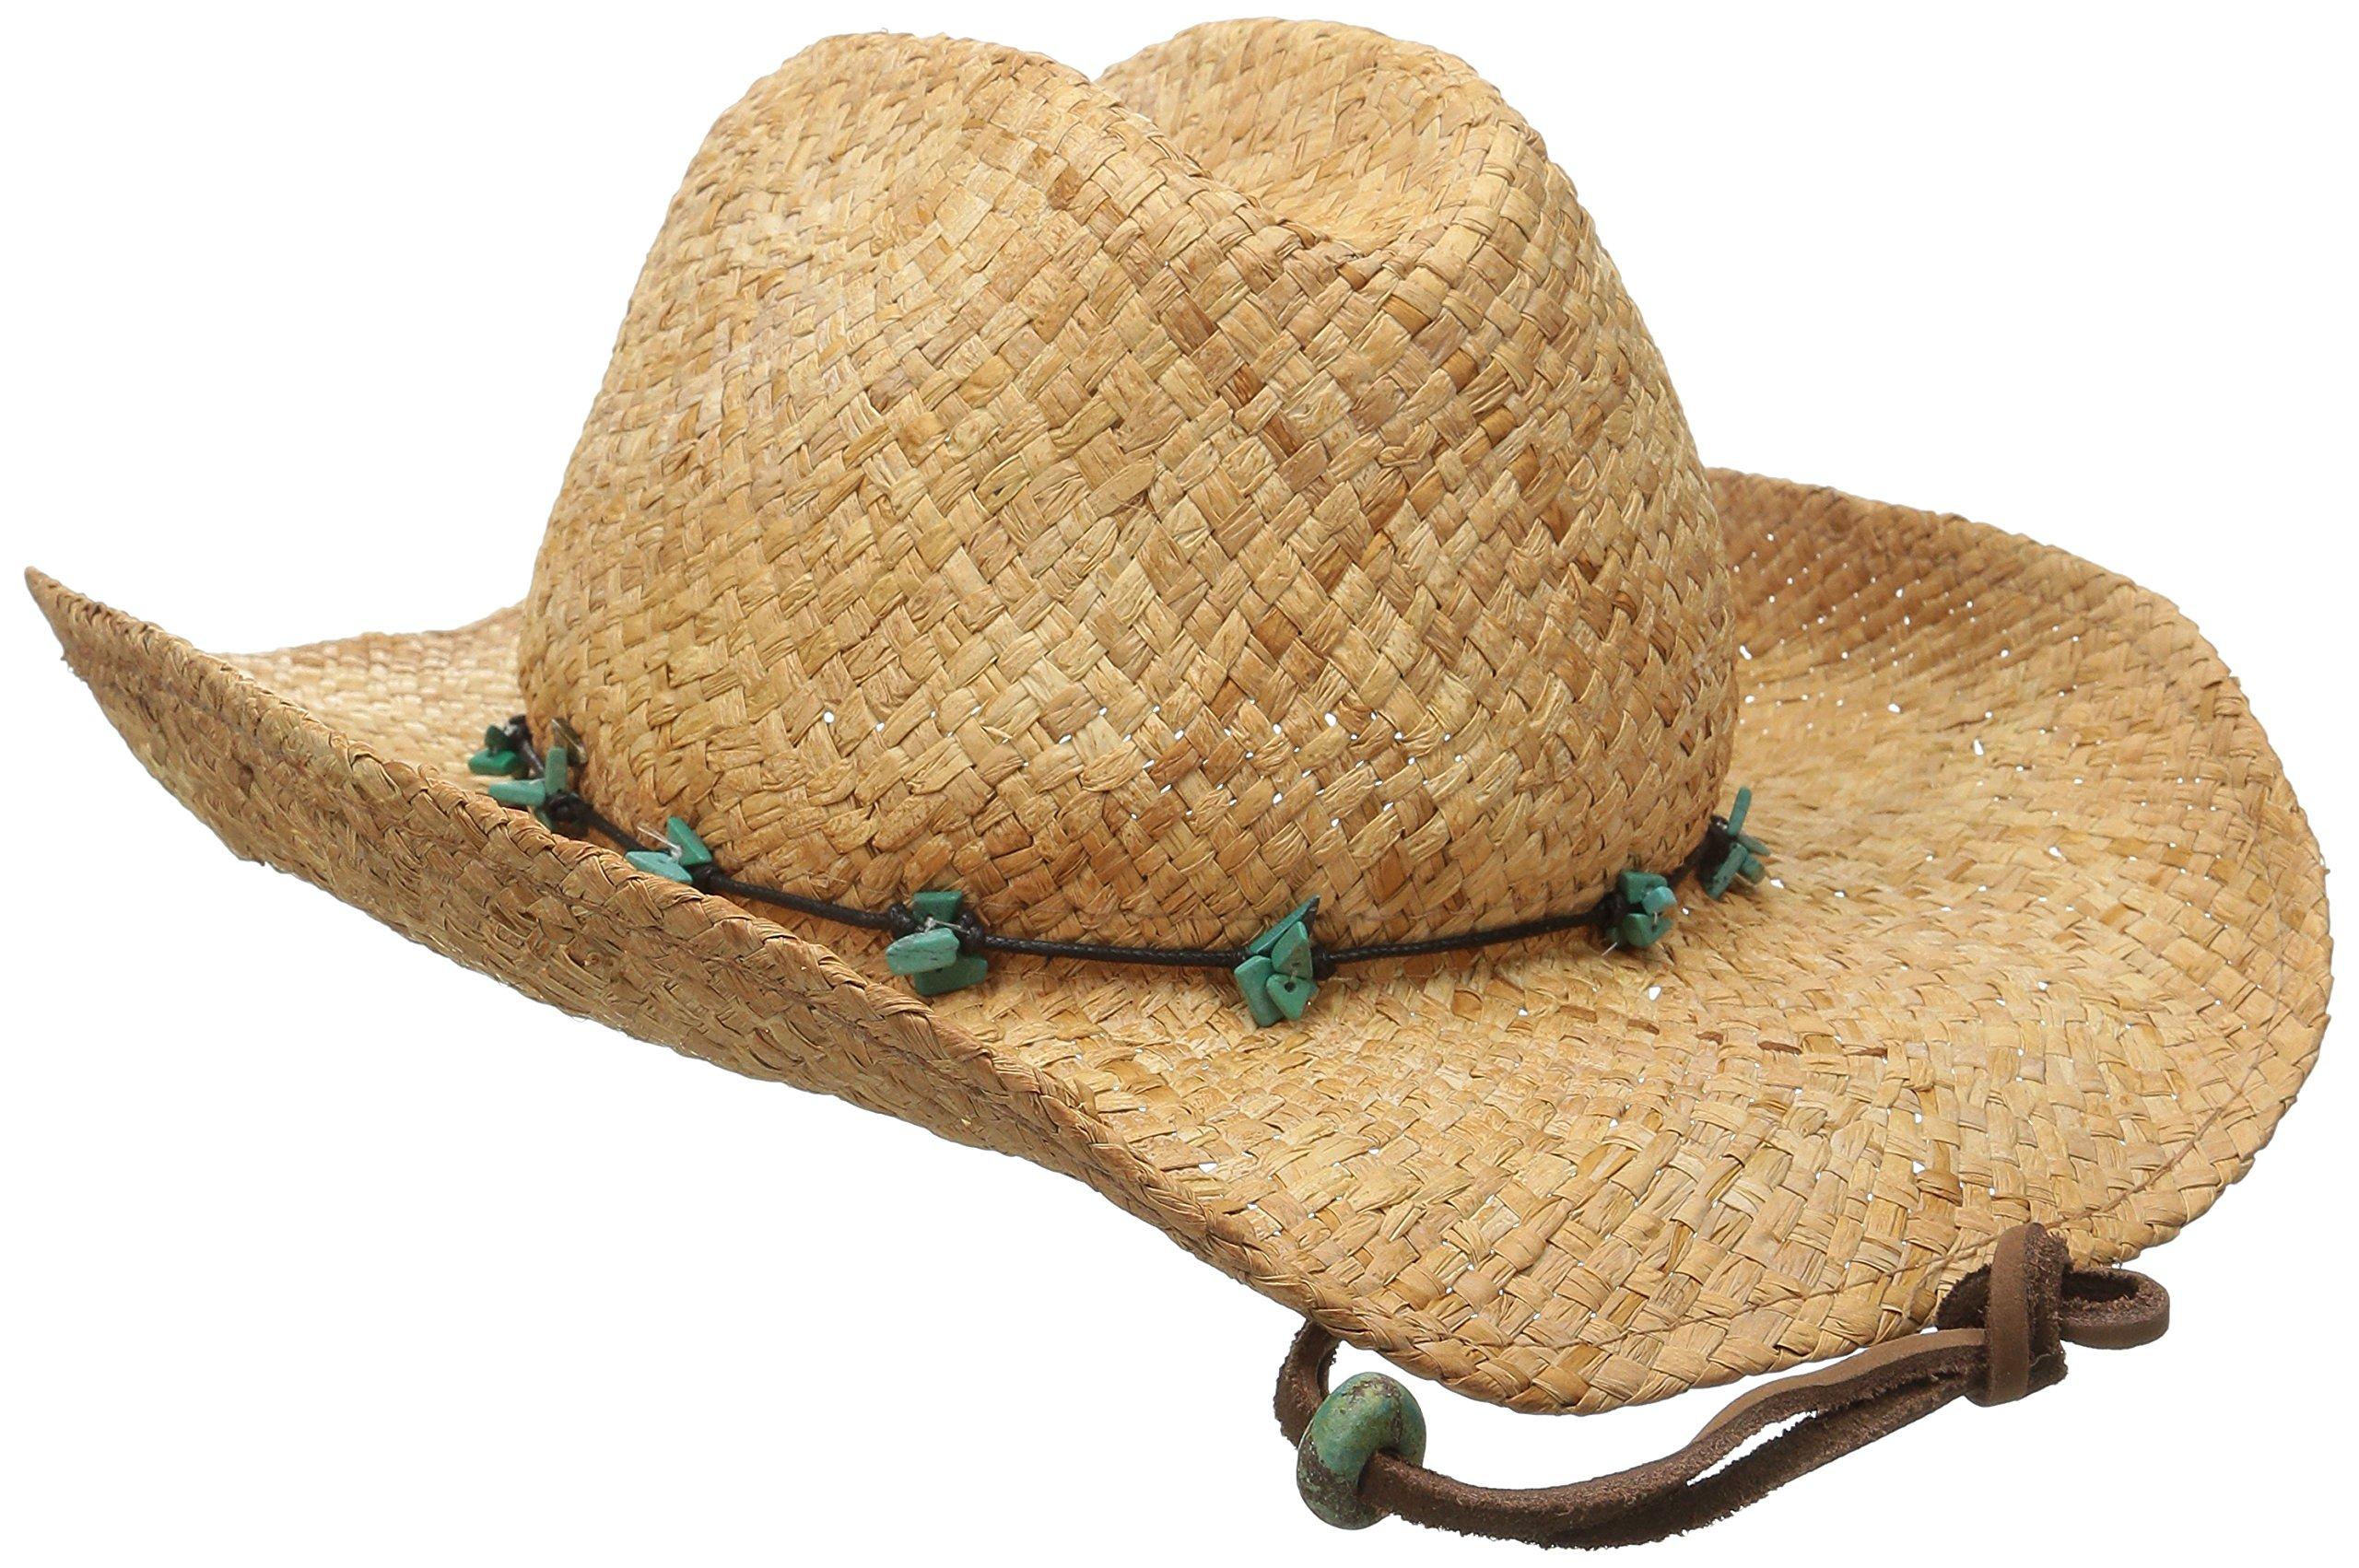 Scala Women's Straw Cowboy Hat, Tea, One Size by SCALA (Image #2)